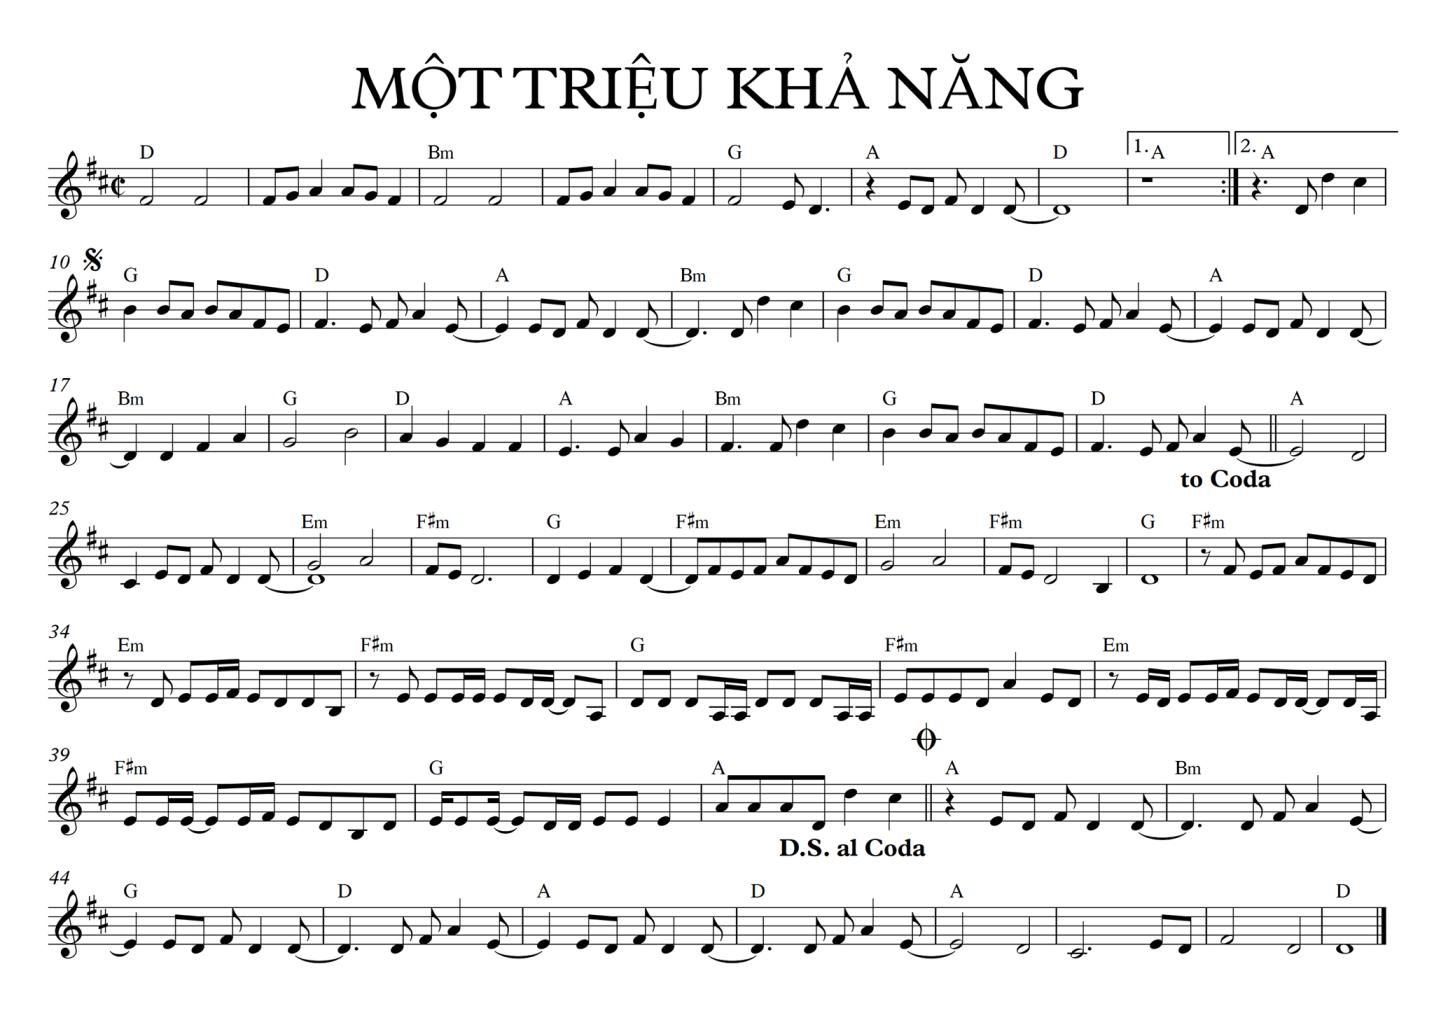 Sheet nhac Mot trieu kha nang.png